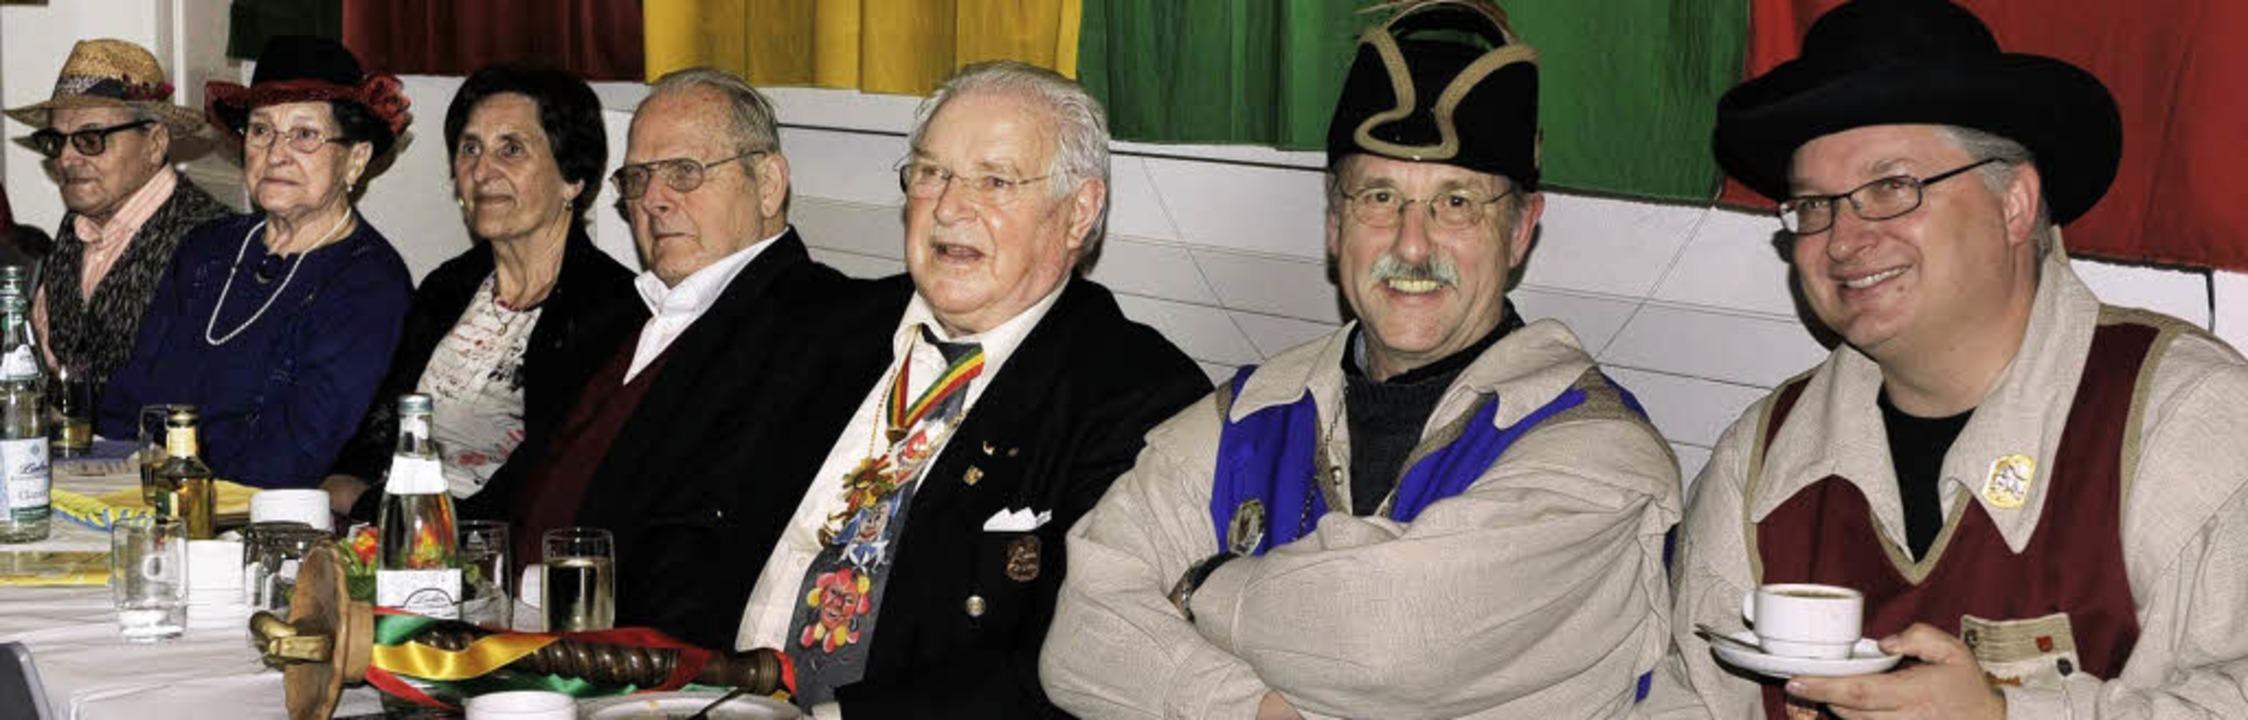 Die Senioren genossen das bunte Progra...rnnat (von rechts) ihren Spaß hatten.     Foto: Heidemarie Wussler